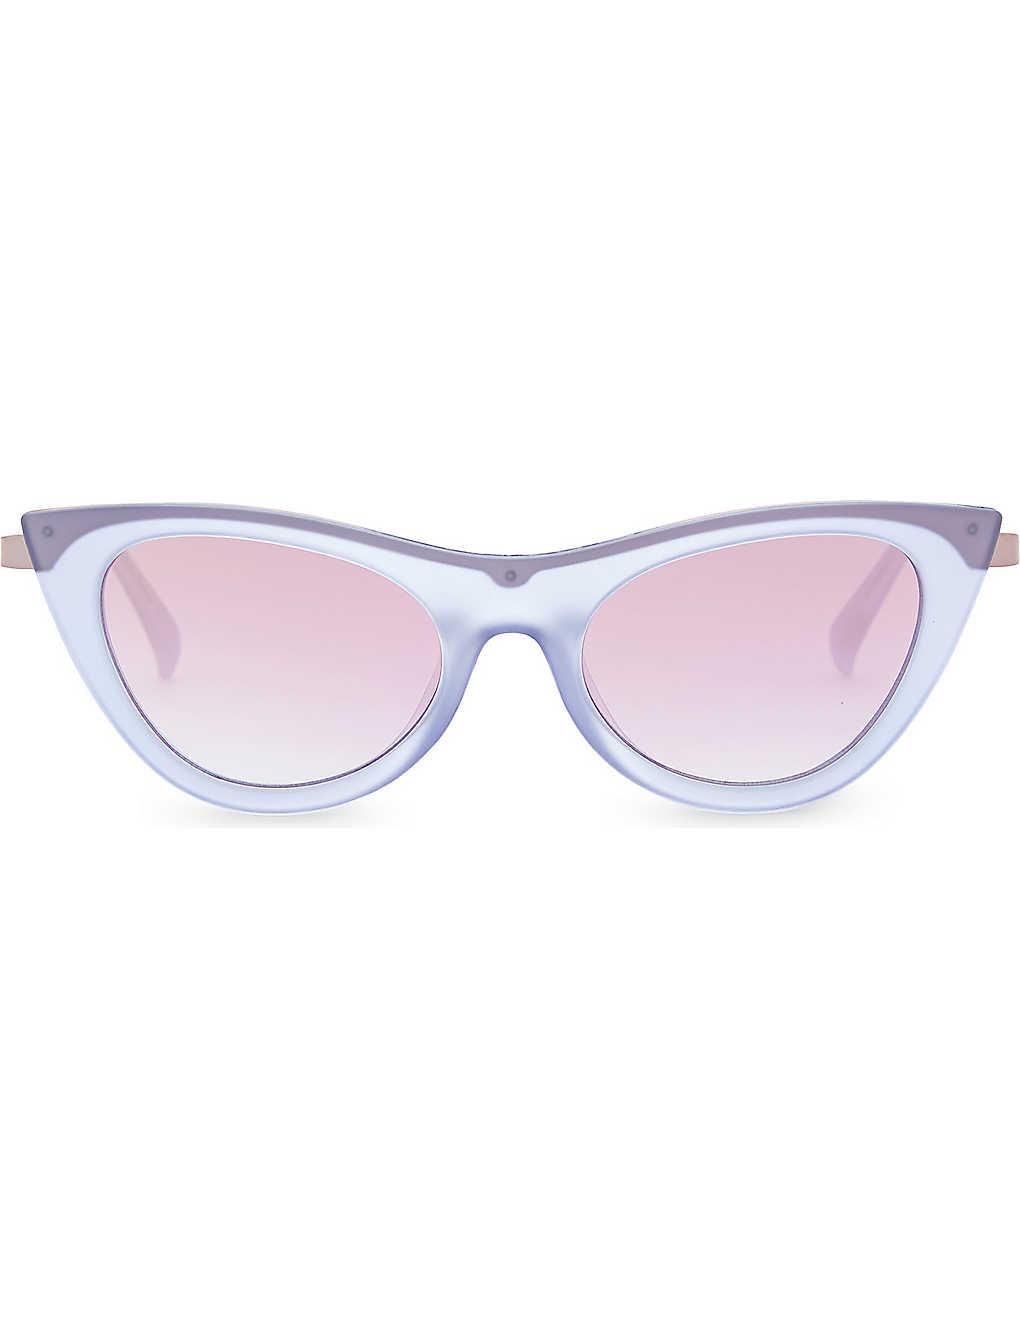 1e4be9eed54 LE SPECS - Enchantress cat-eye sunglasses